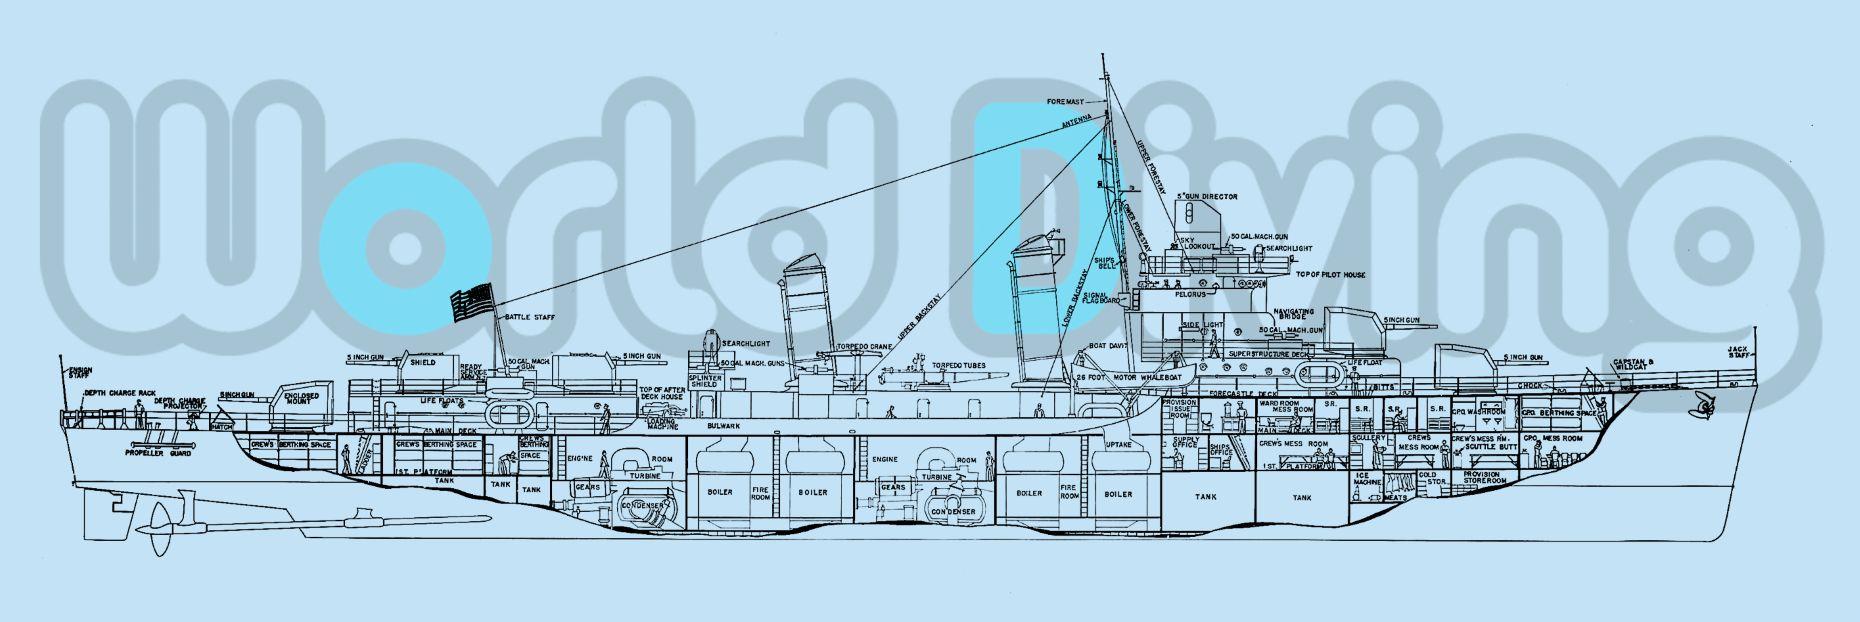 エモンズ USS Emmonsのpdfファイル